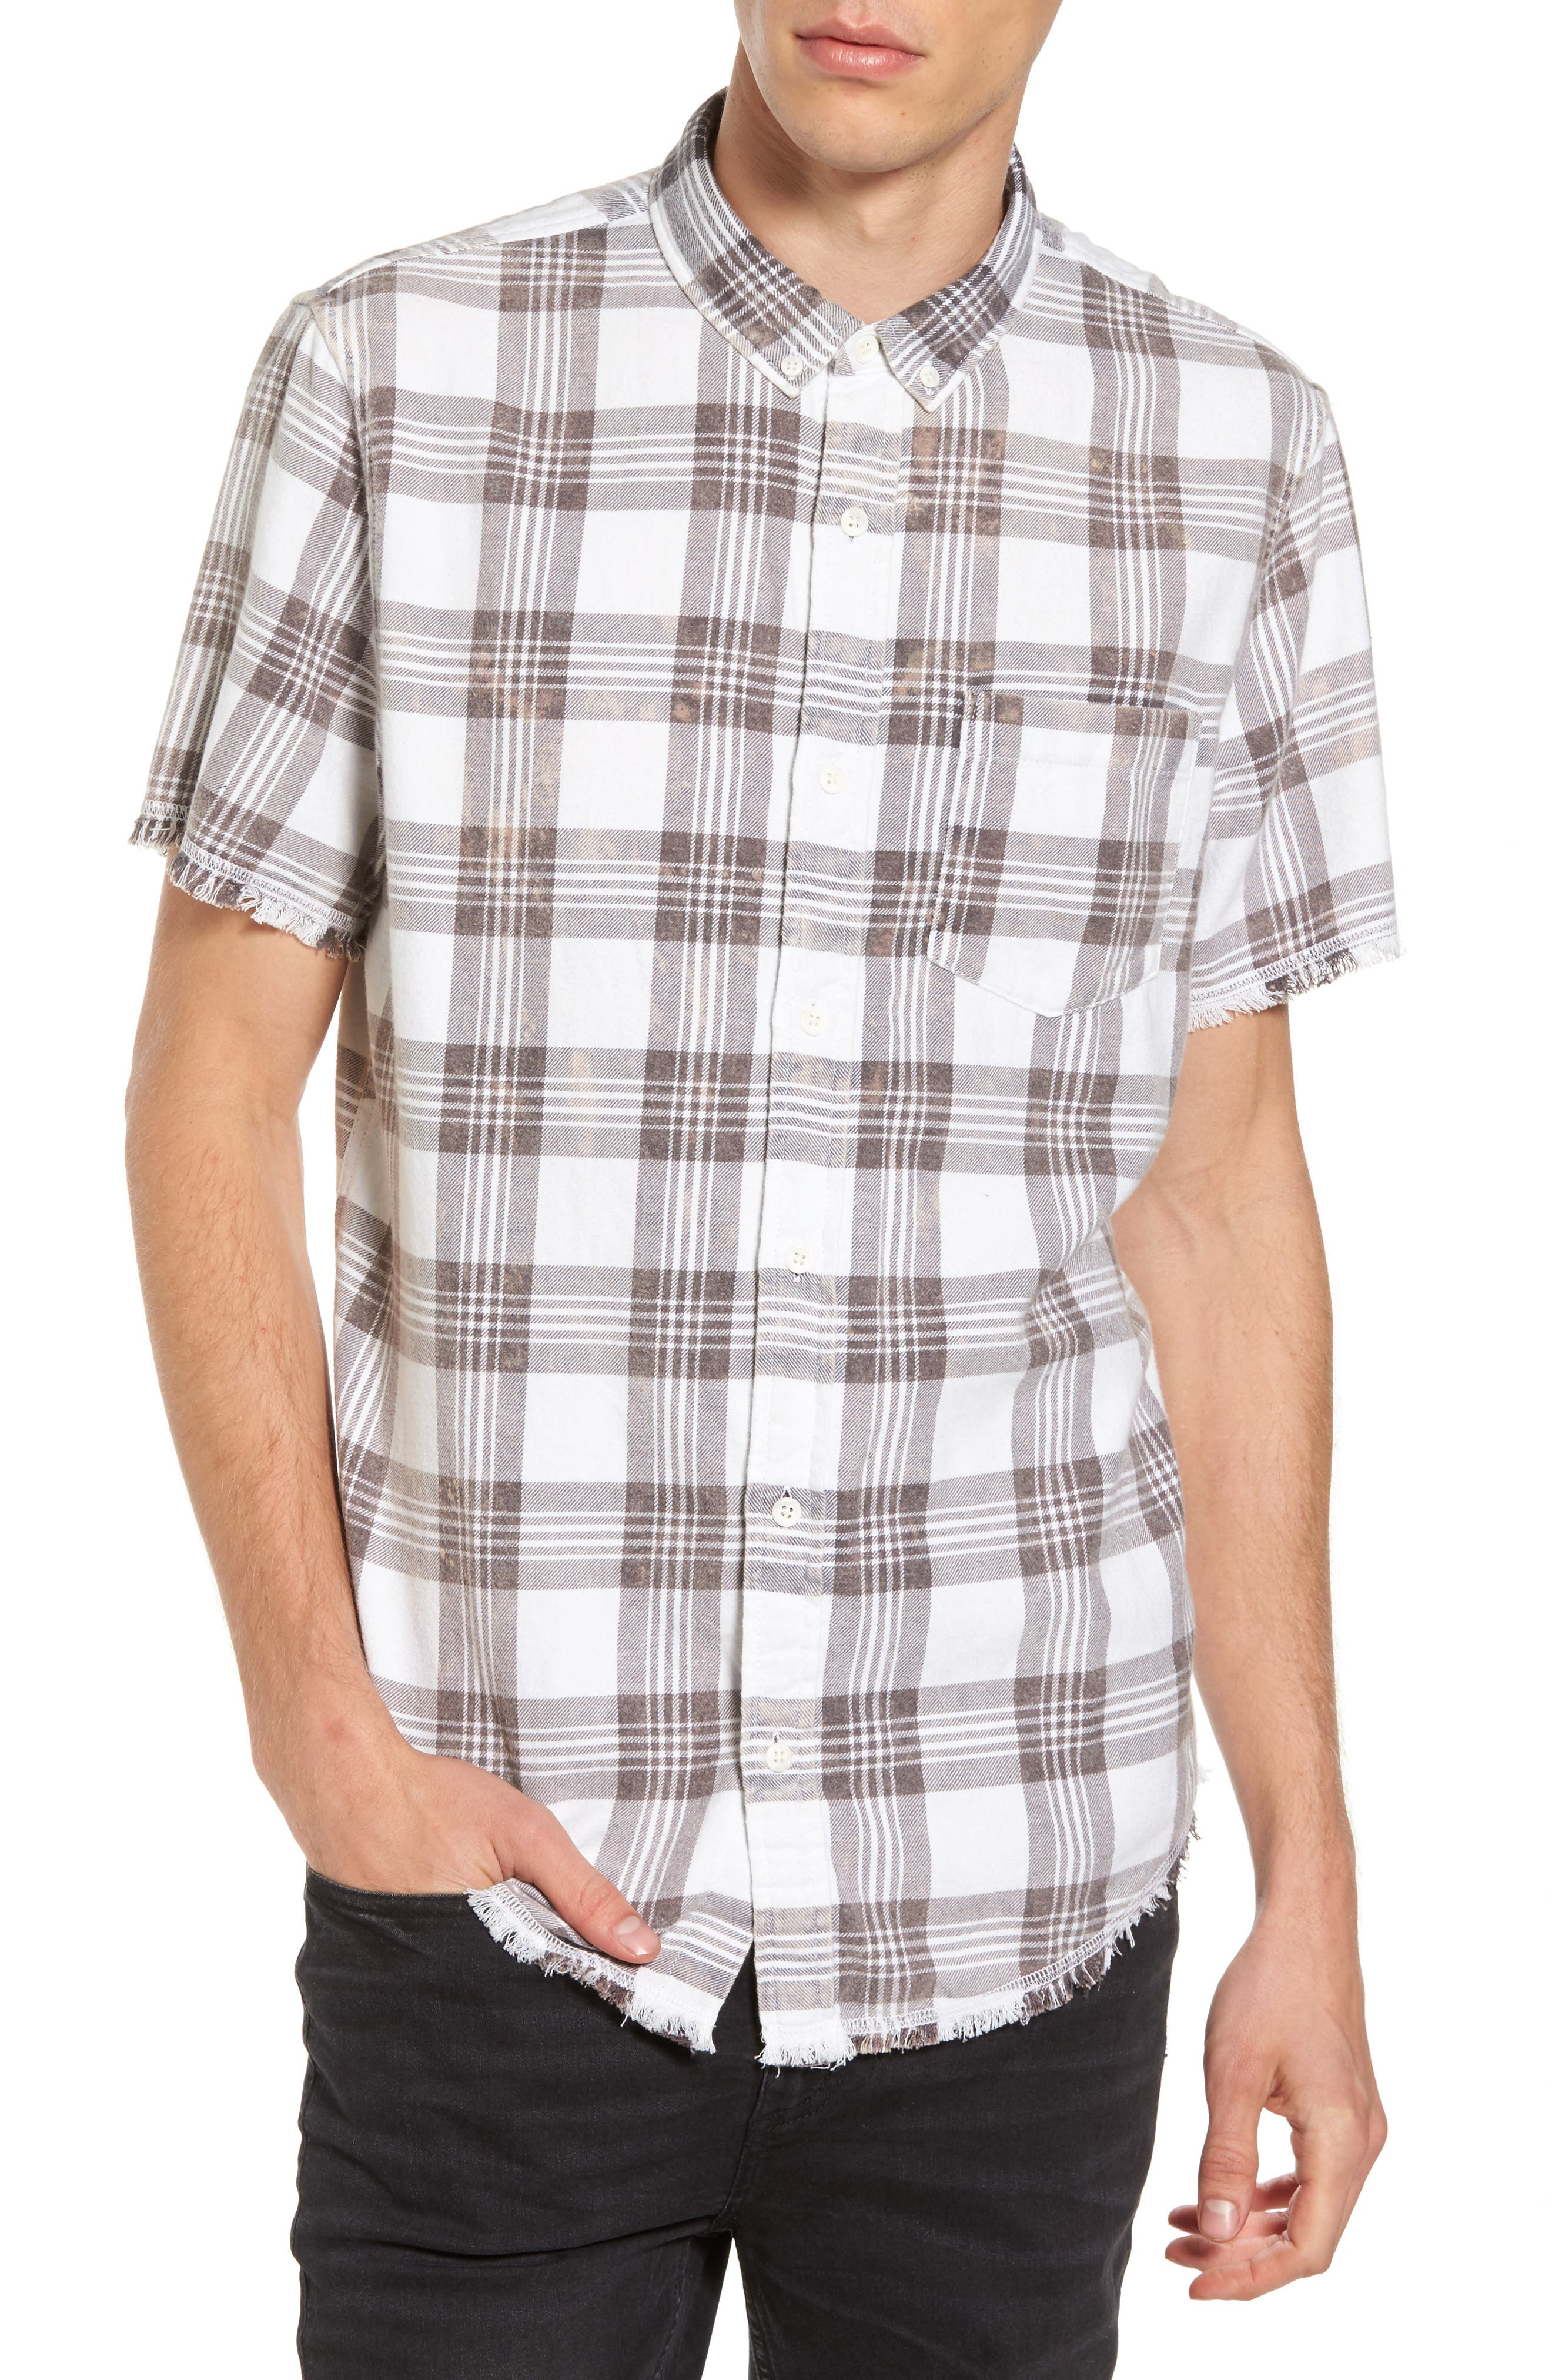 Main Image - The Rail Bleach Plaid Shirt